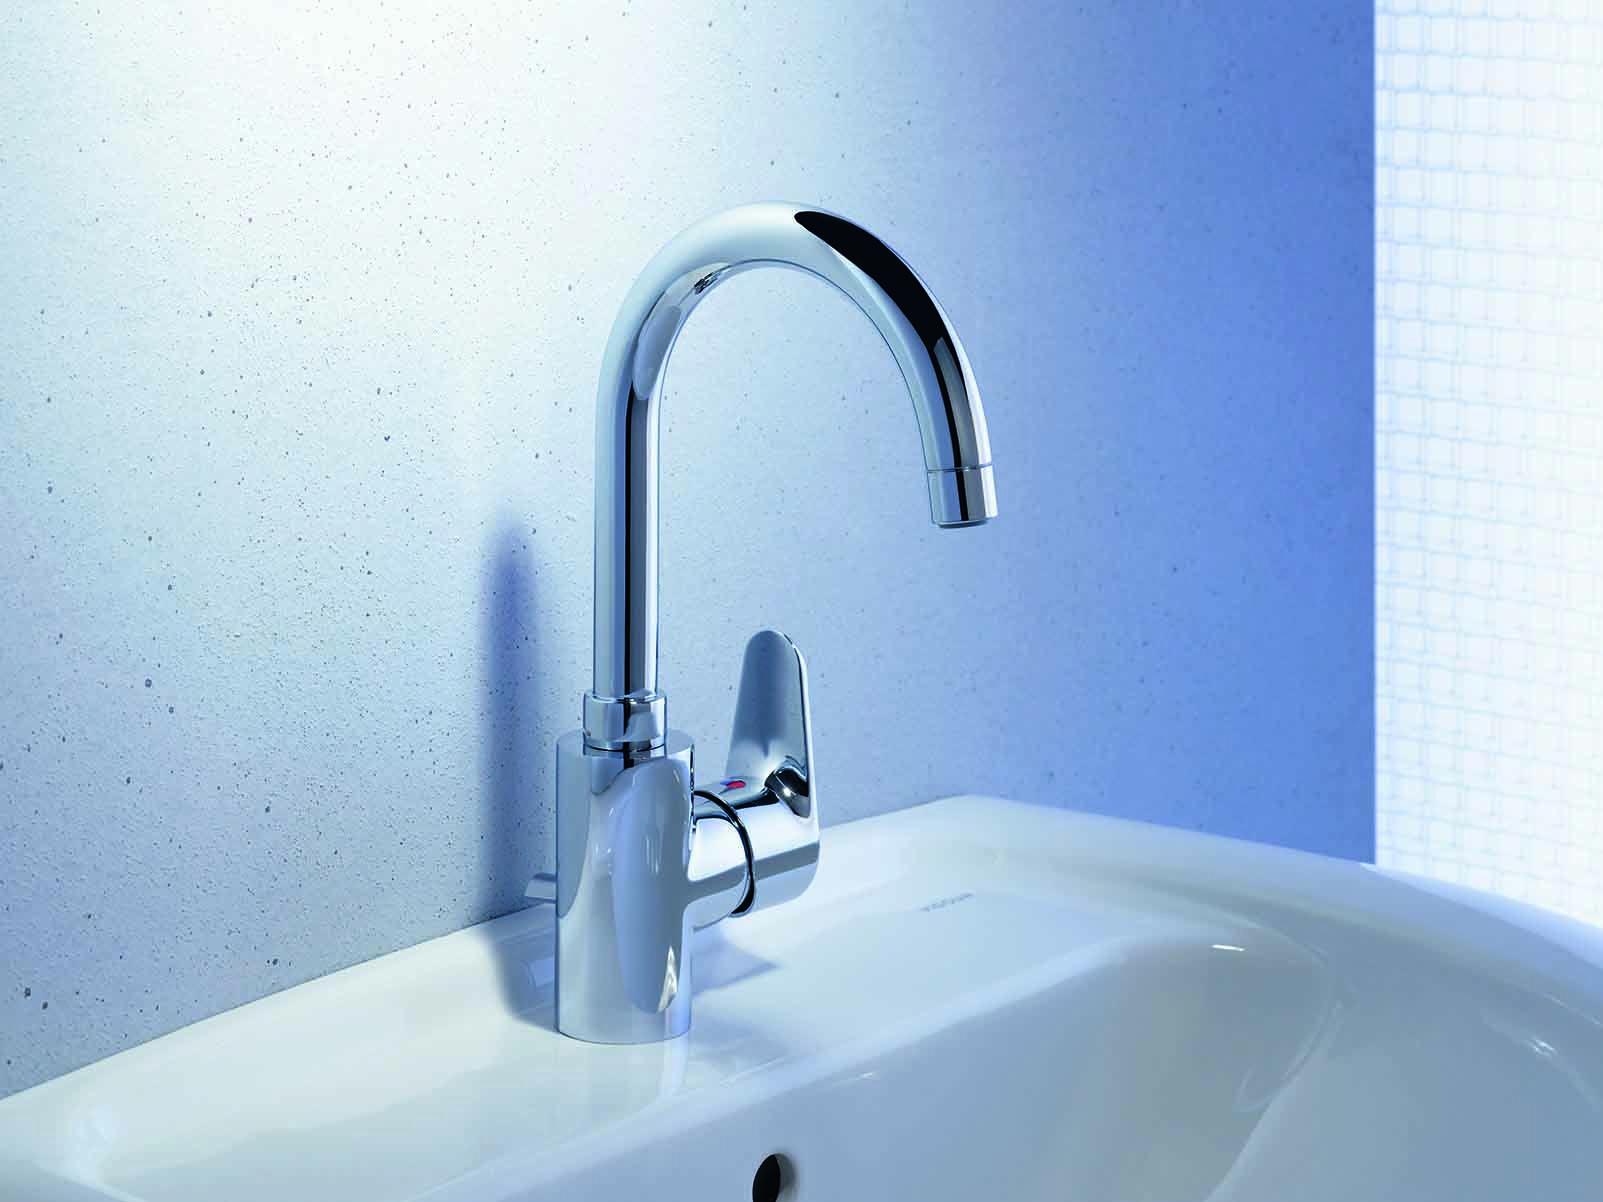 Vigour Clivia Waschtischarmatur Waschbecken Armaturen